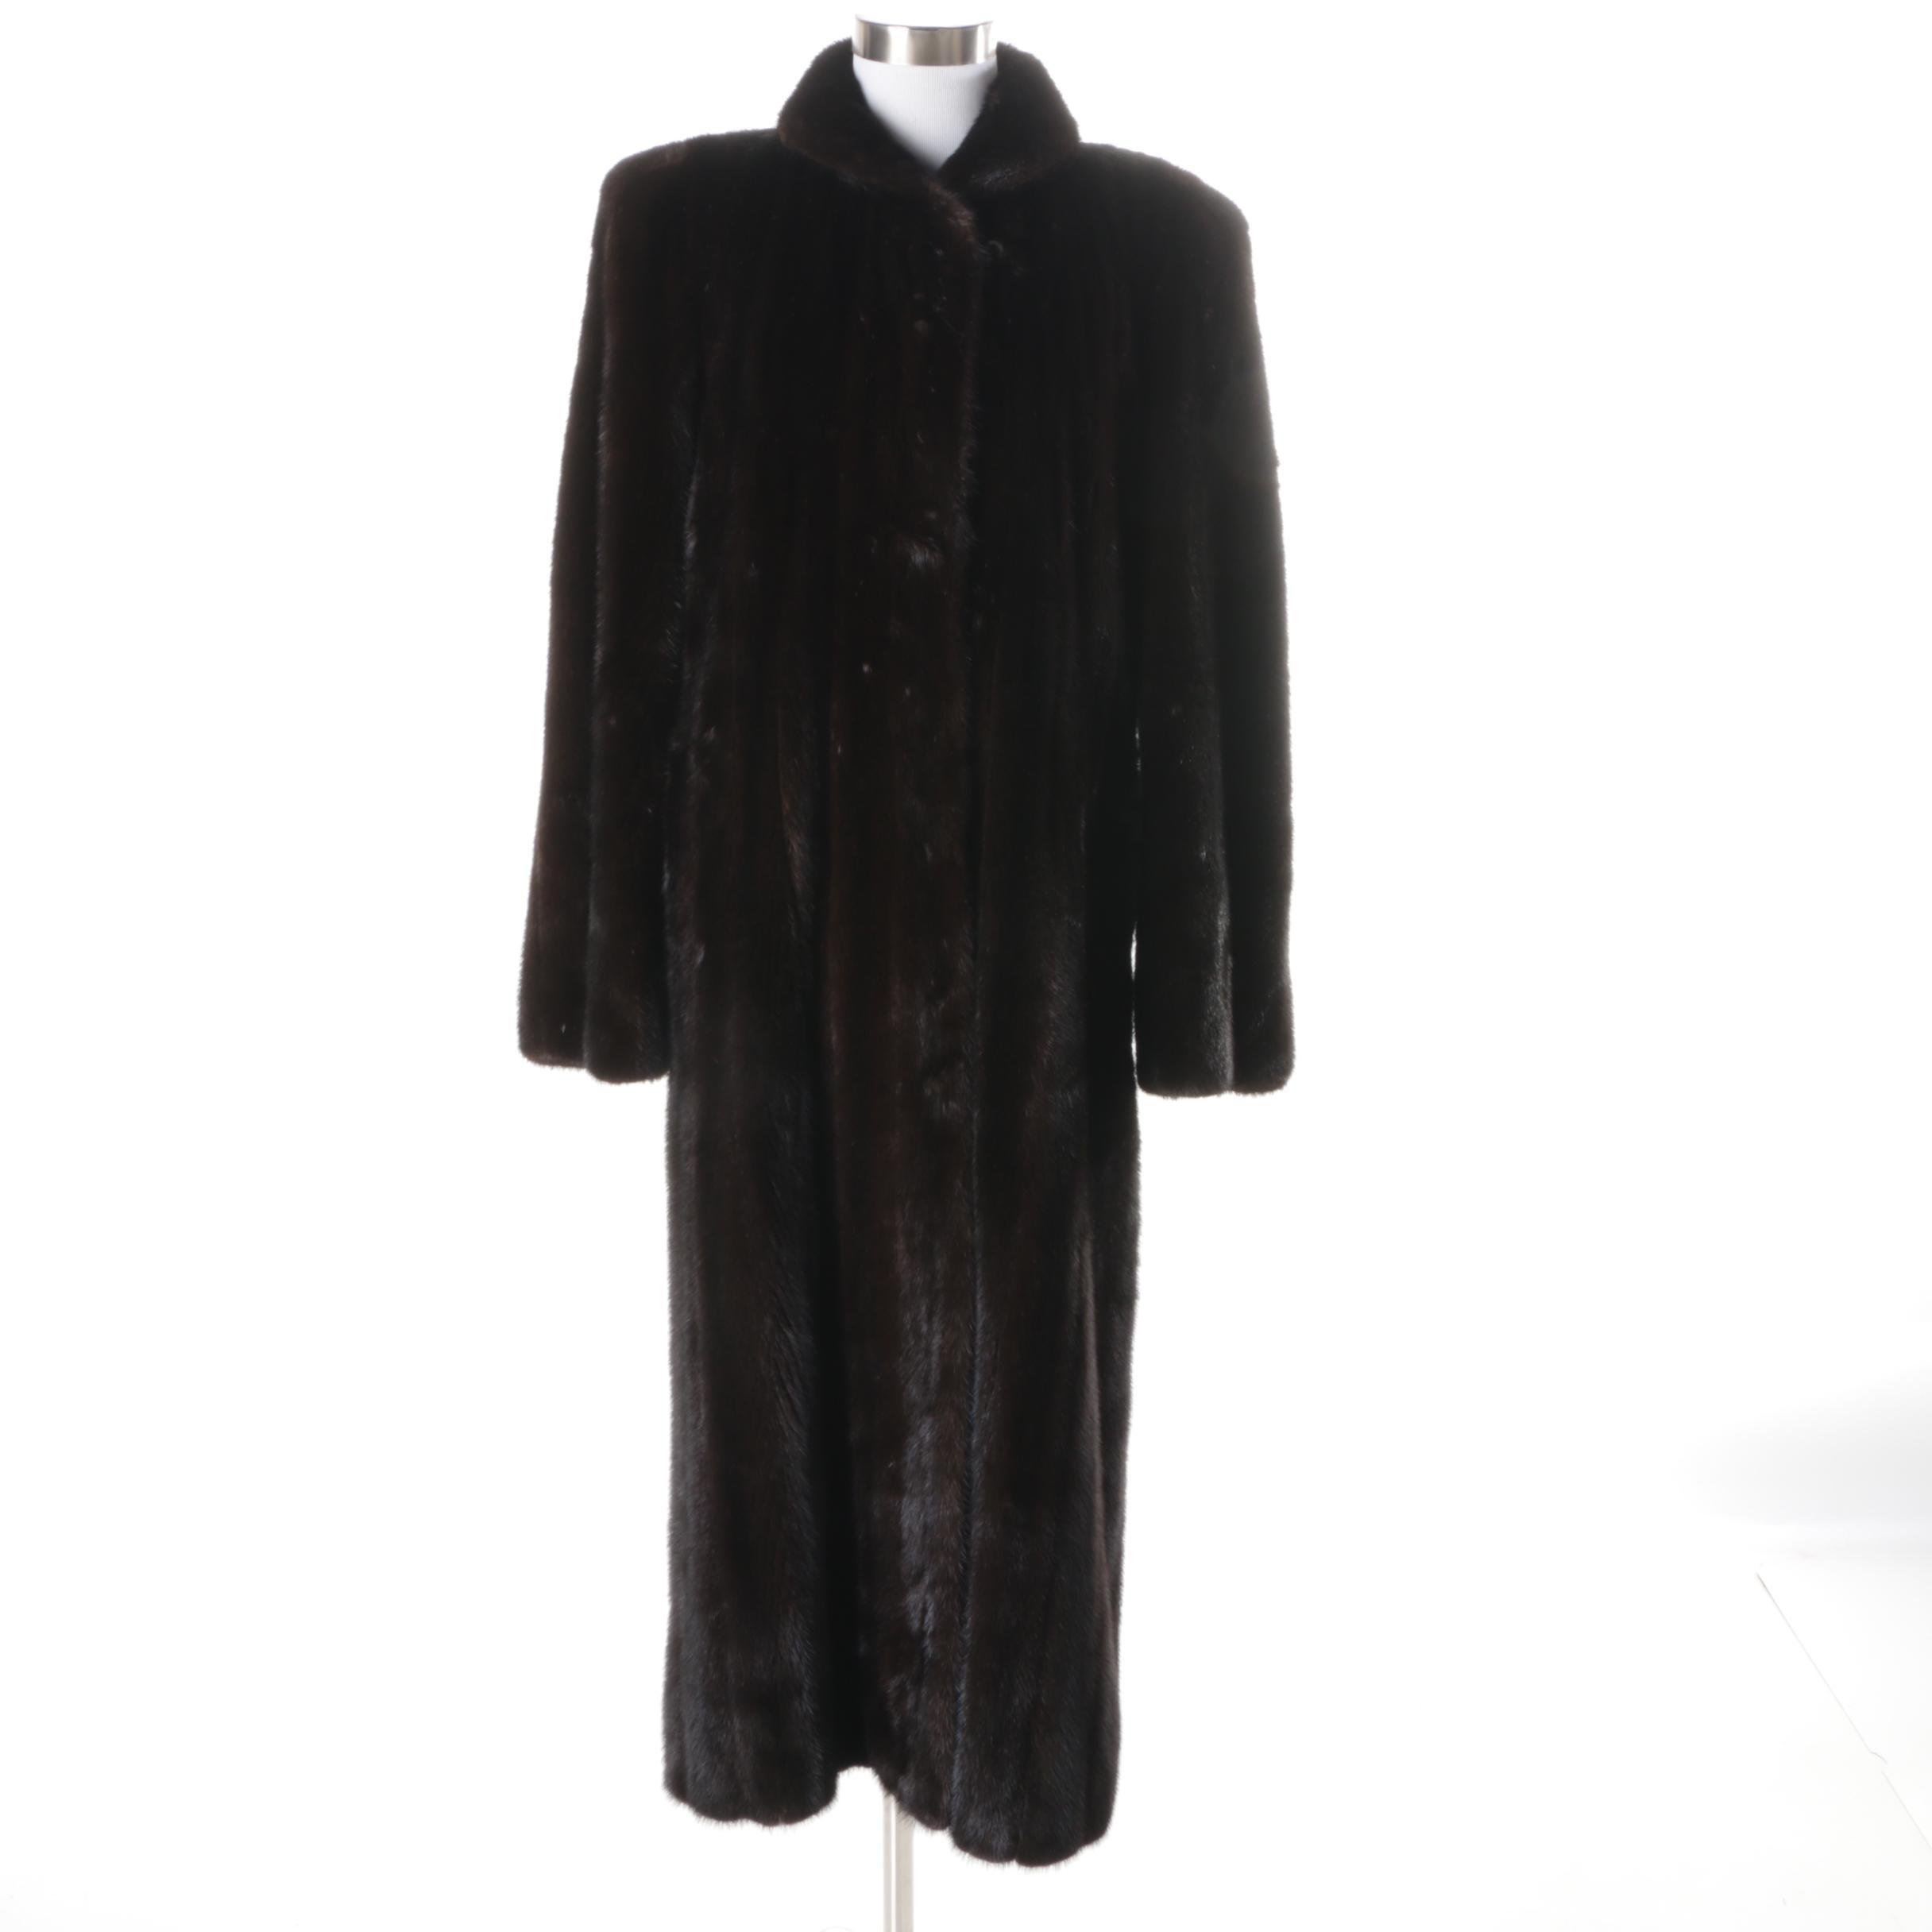 Vintage Mink Fur Coat by Bay Shore Furs